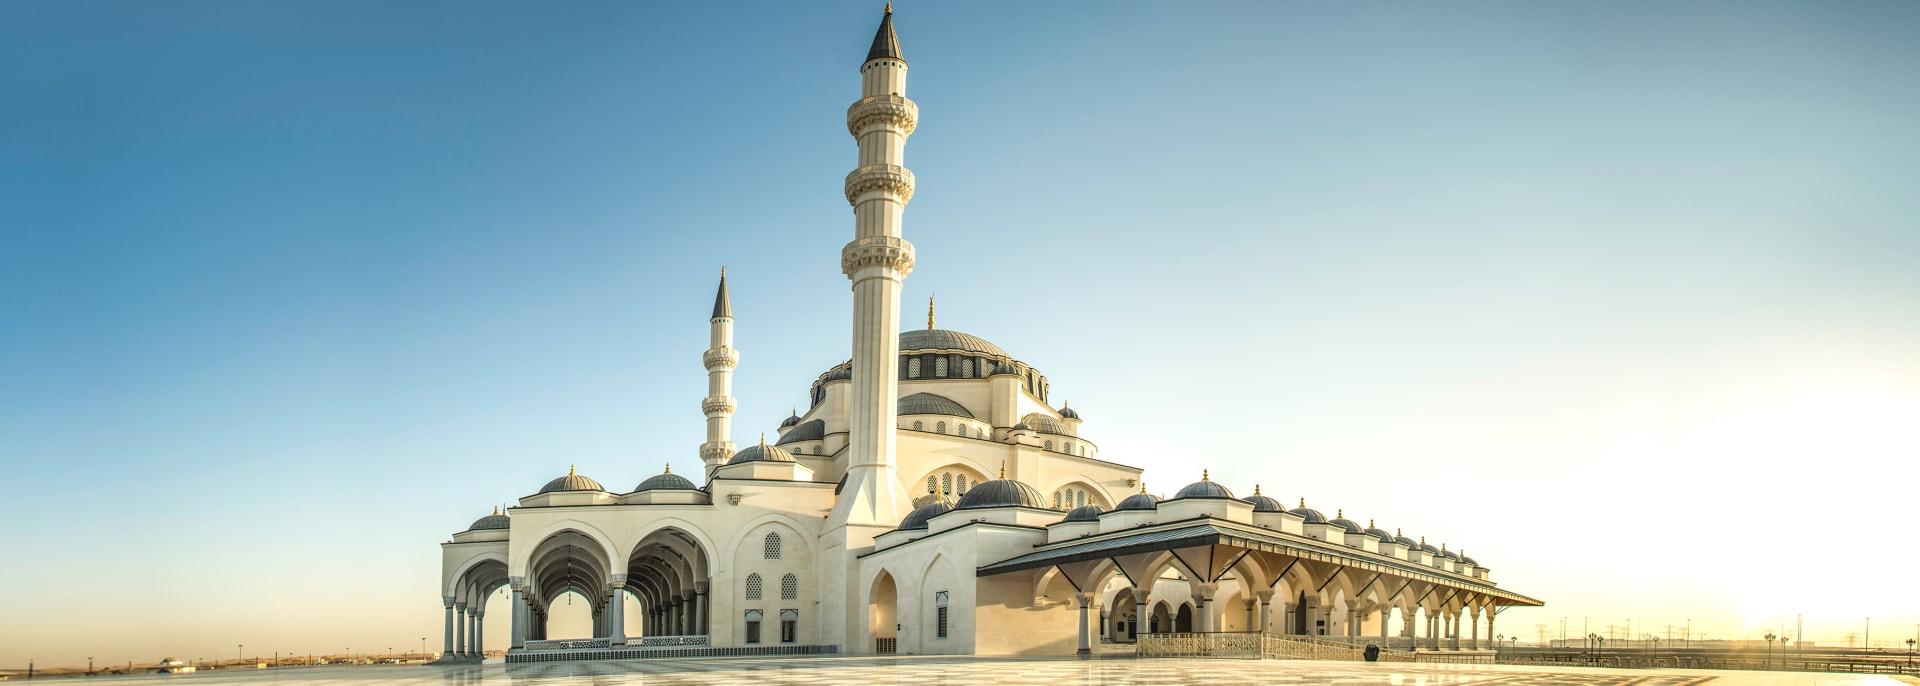 Sharjah Moschee, Vereinigte Arabische Emirate